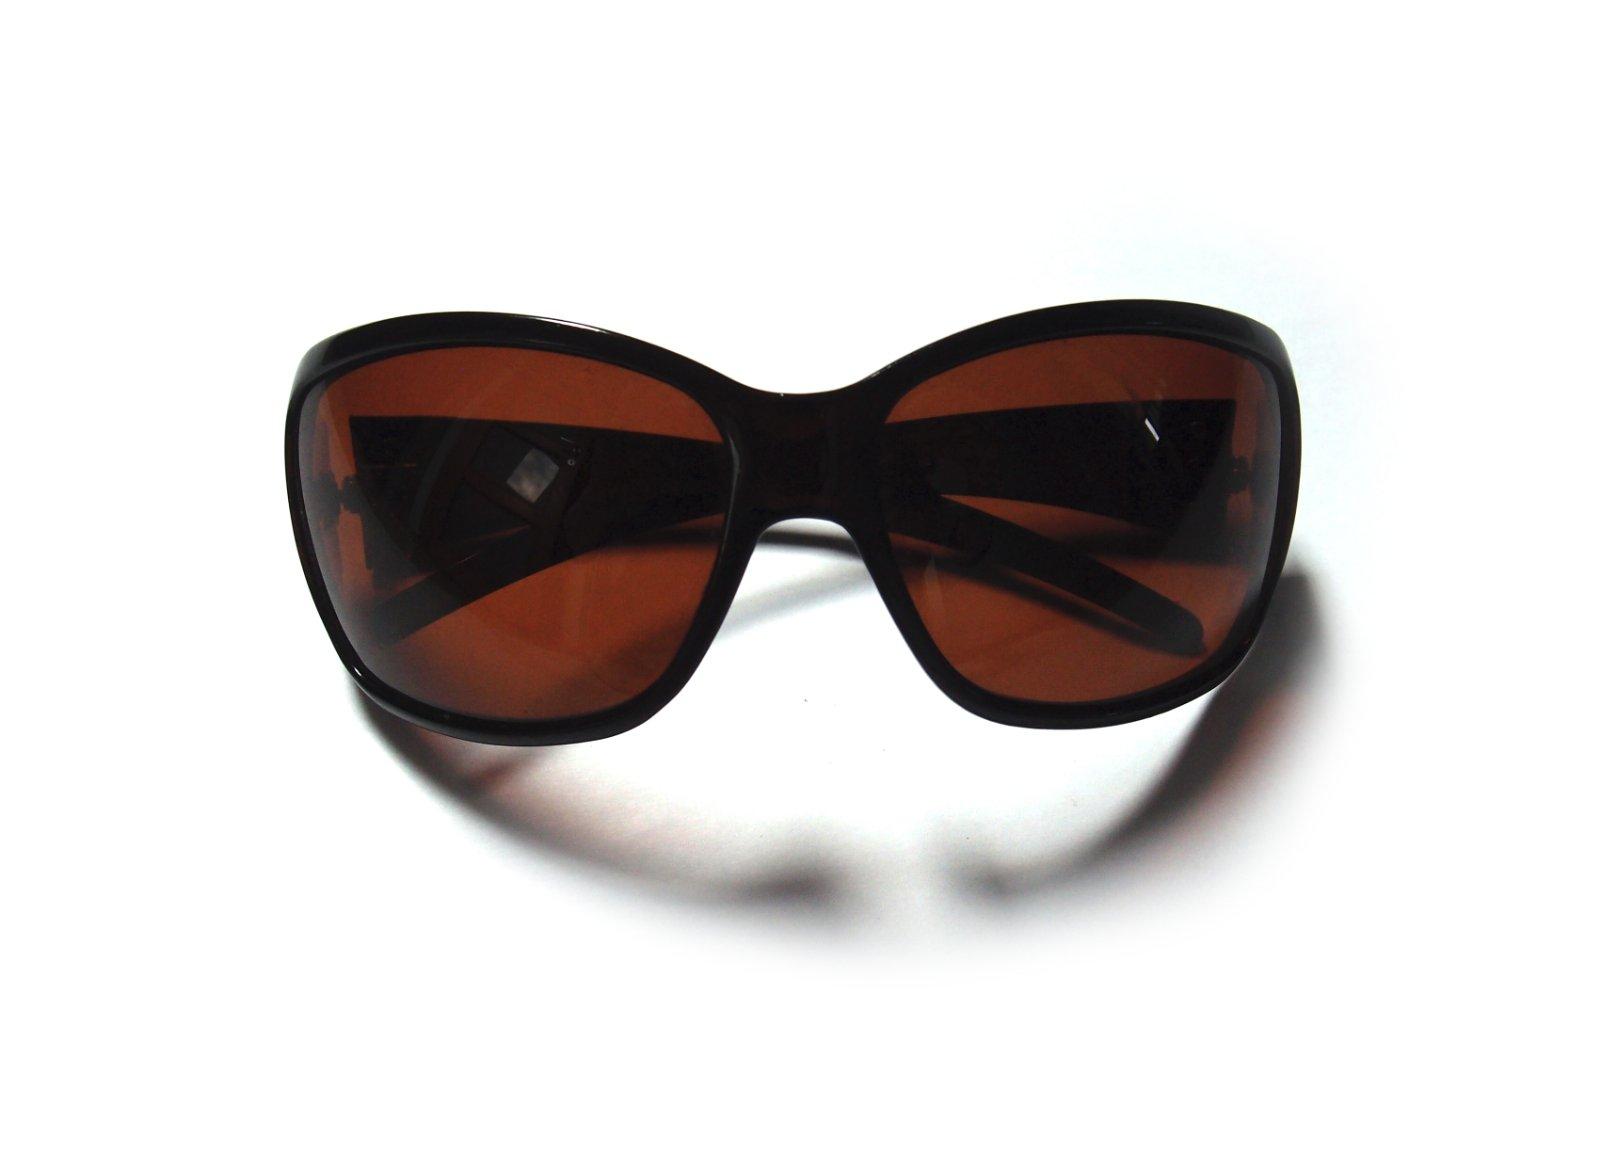 8c786c50f Slnečné okuliare, - 1 € od predávajúcej geozeta | Detský bazár ...